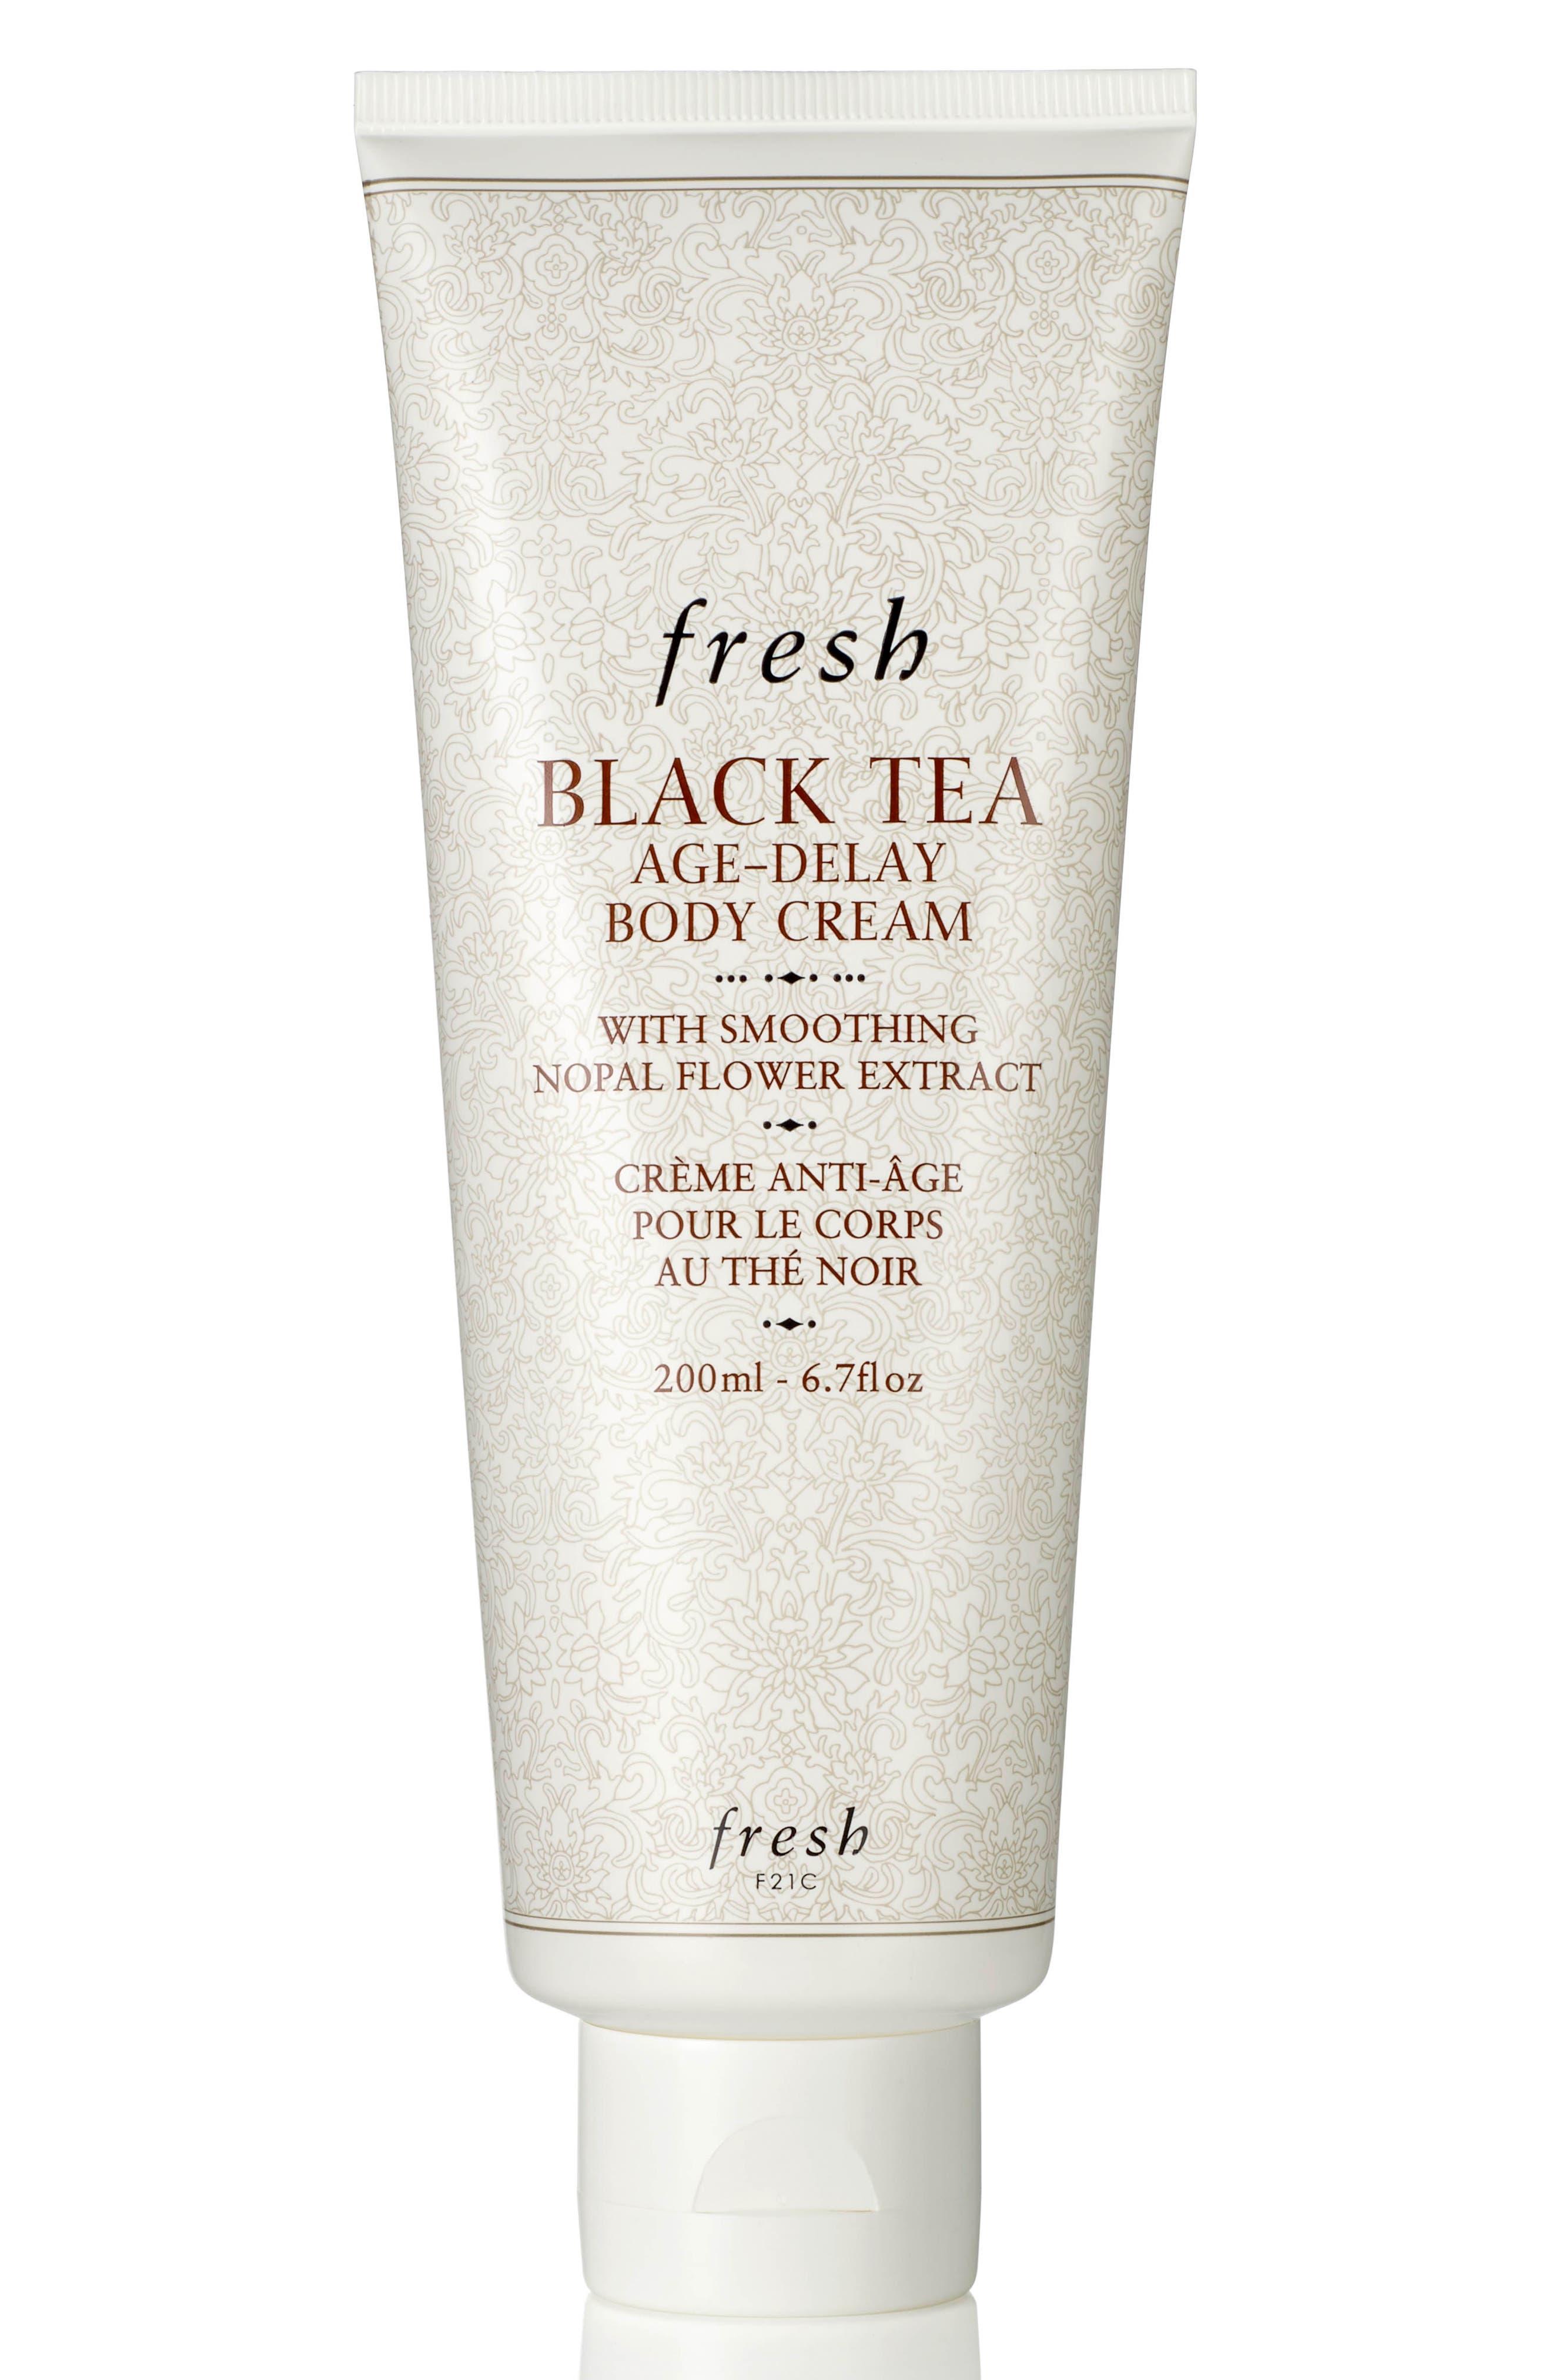 Black Tea Age-Delay Body Cream,                             Main thumbnail 1, color,                             NO COLOR